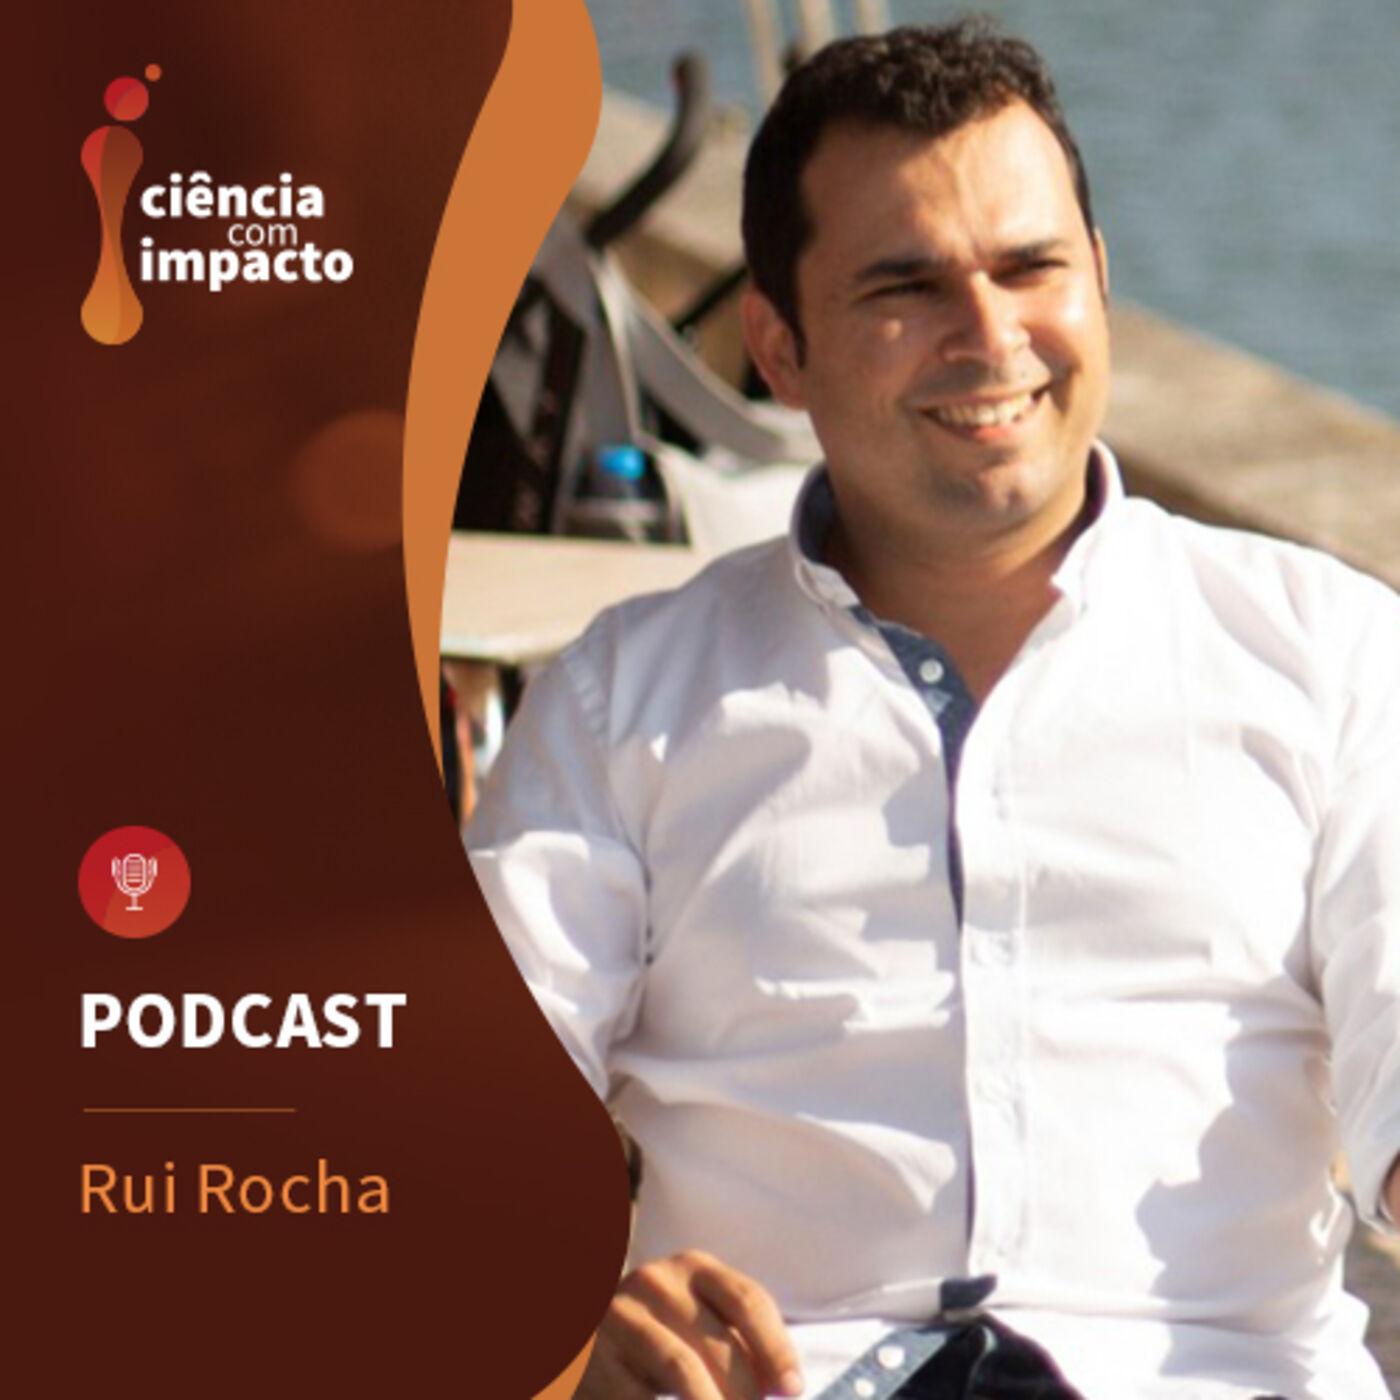 Podcast T1E8: Rui Rocha - Corais e Aquacultura Comunitária